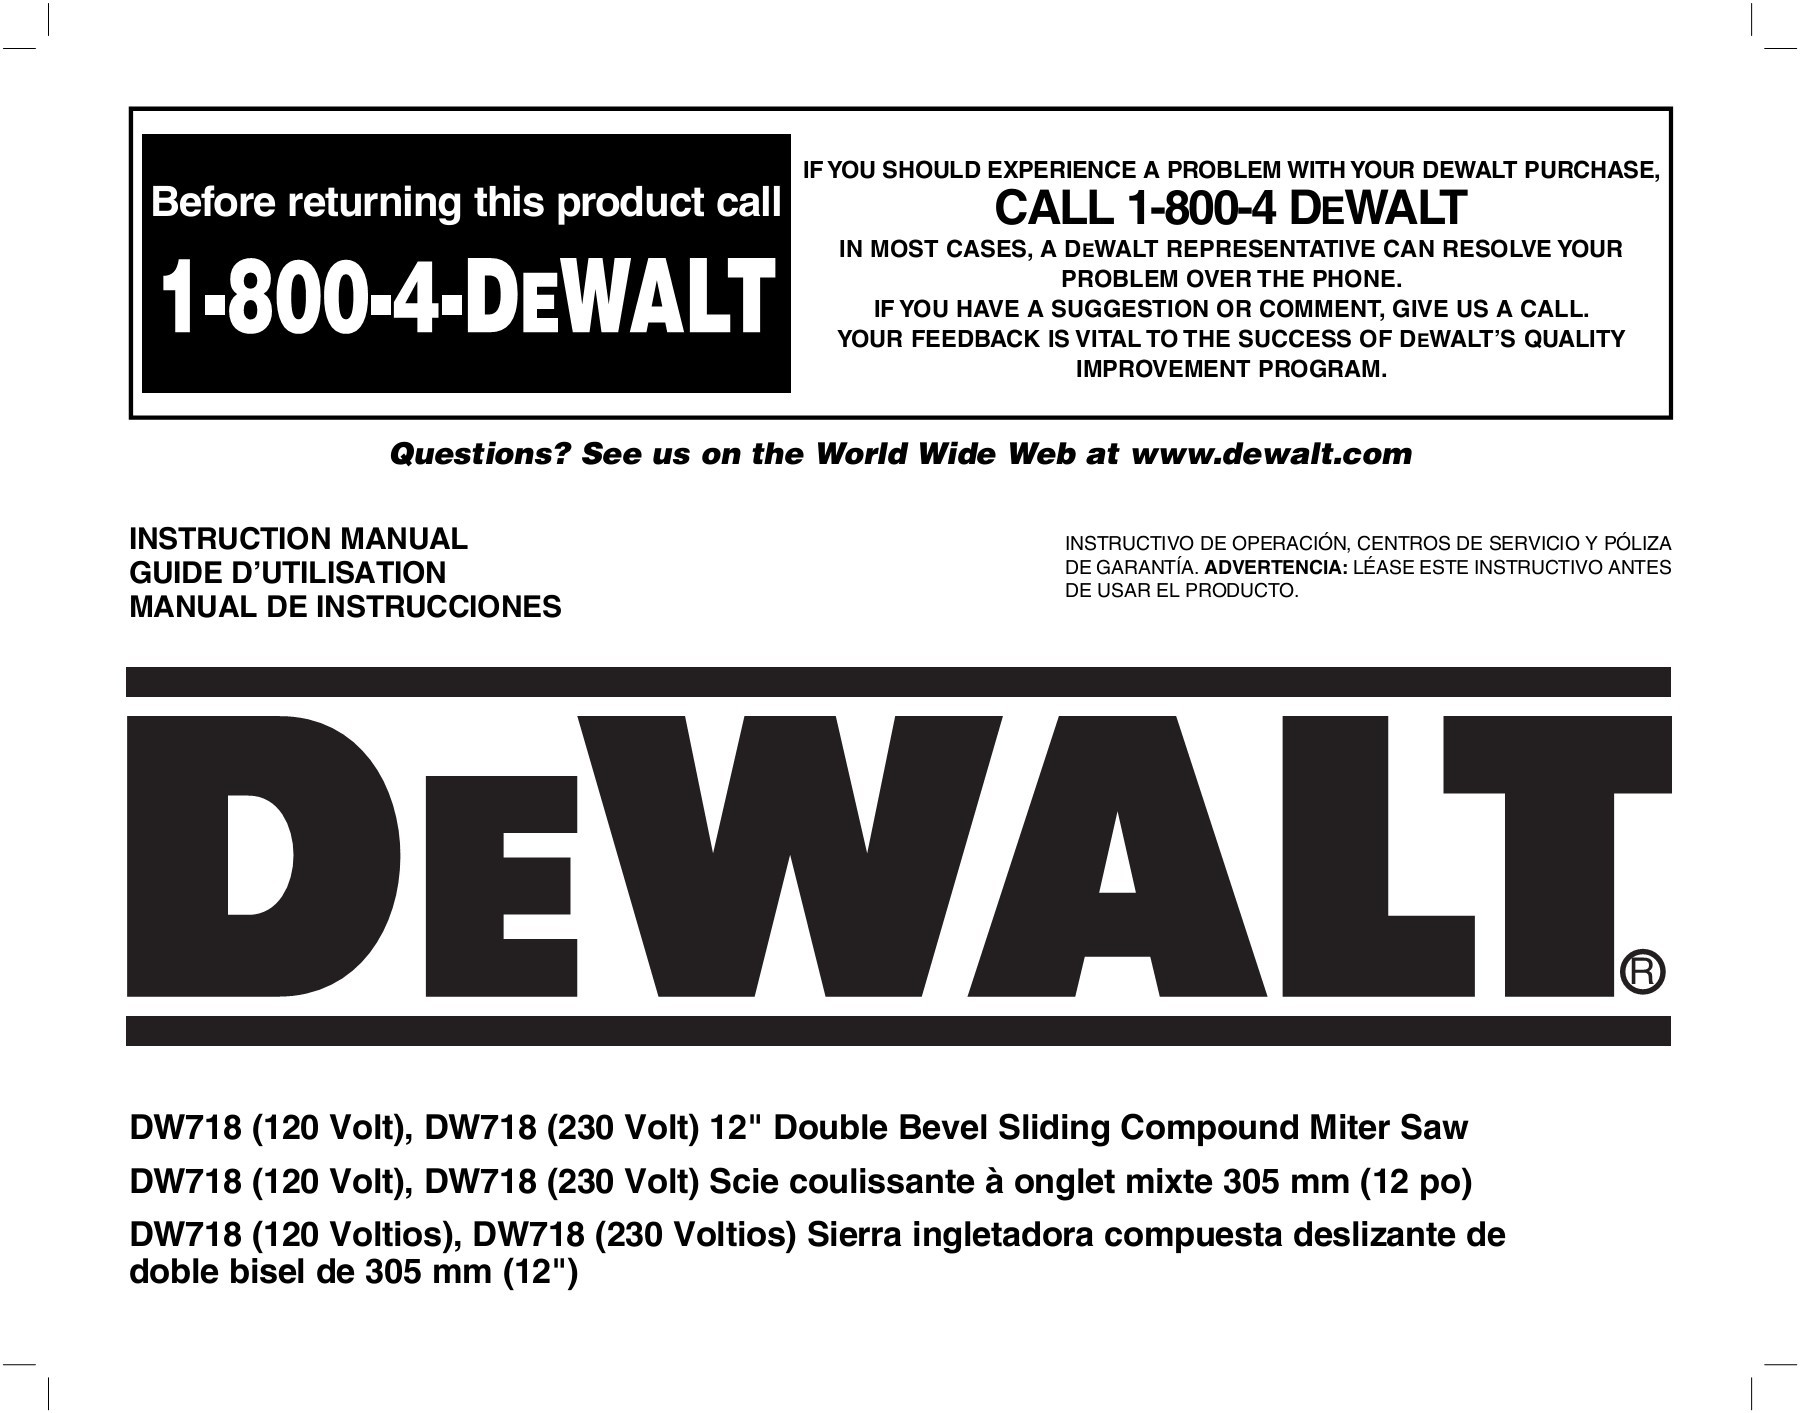 Dewalt Dw718 Wiring Diagram